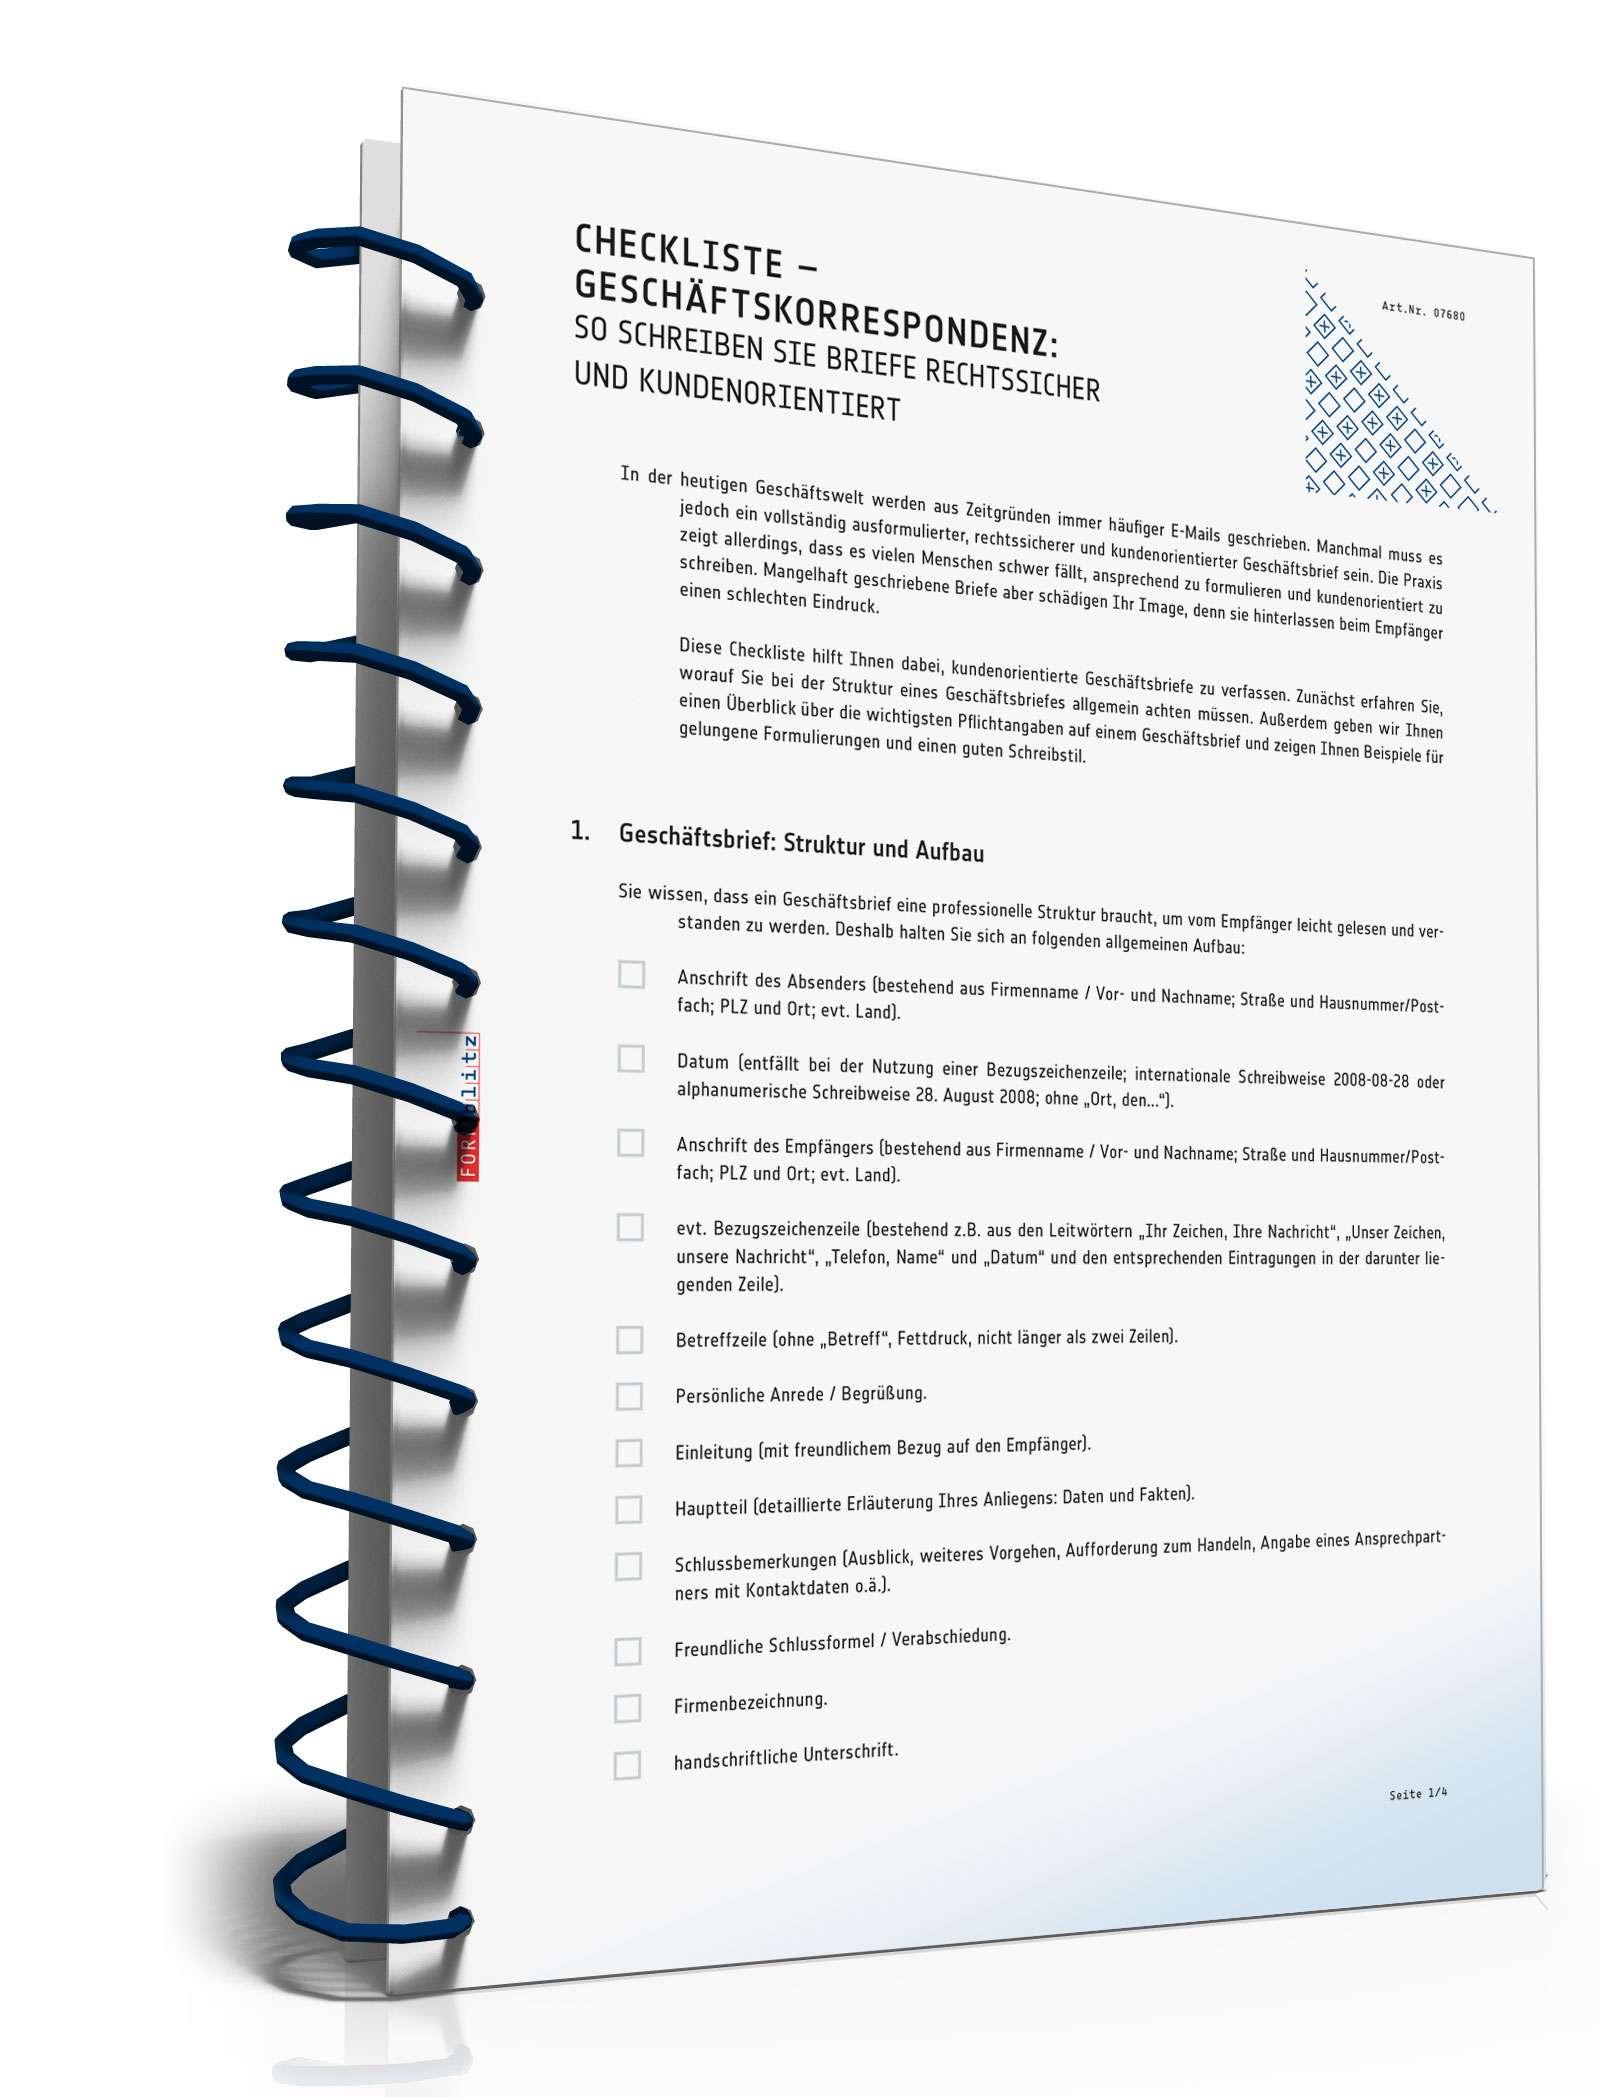 Checkliste Geschäftskorrespondenz Kurzratgeber Zum Download